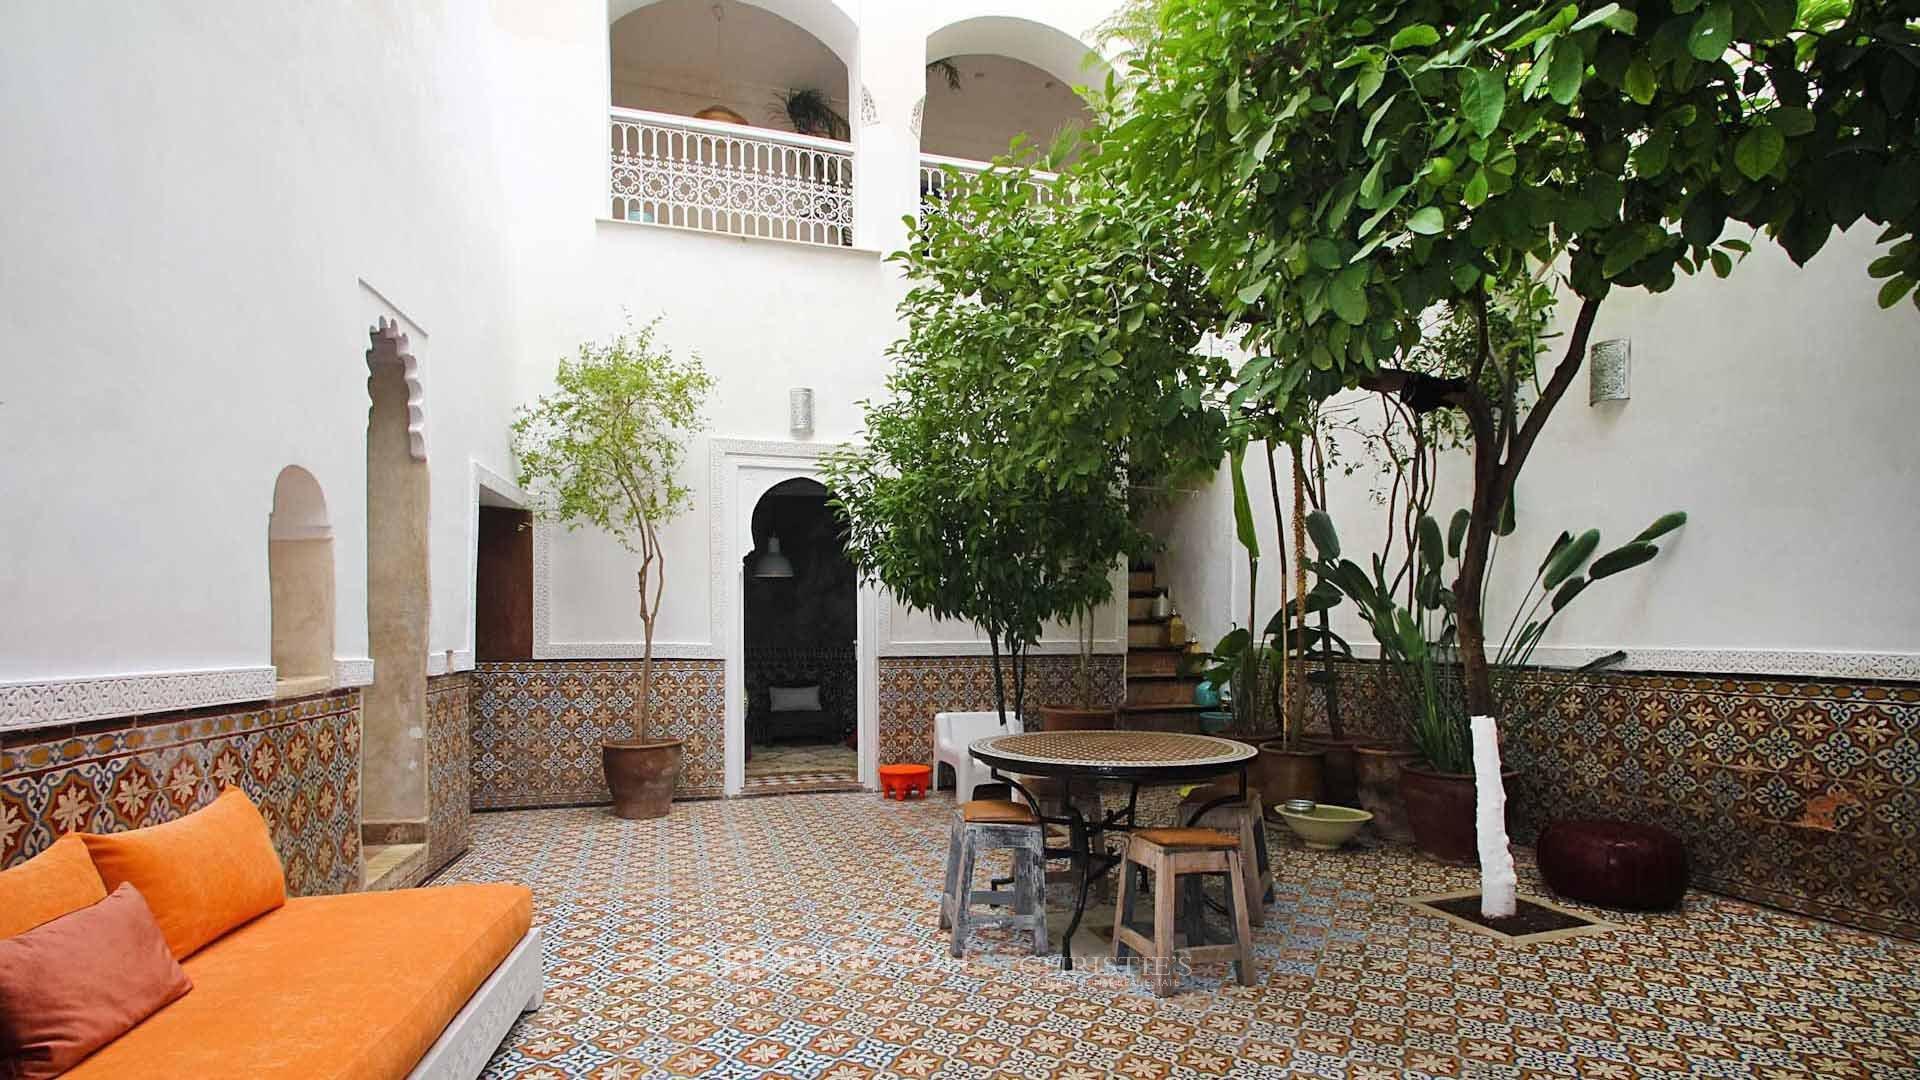 KPPM01107: Riad Anna Riad Marrakech Morocco